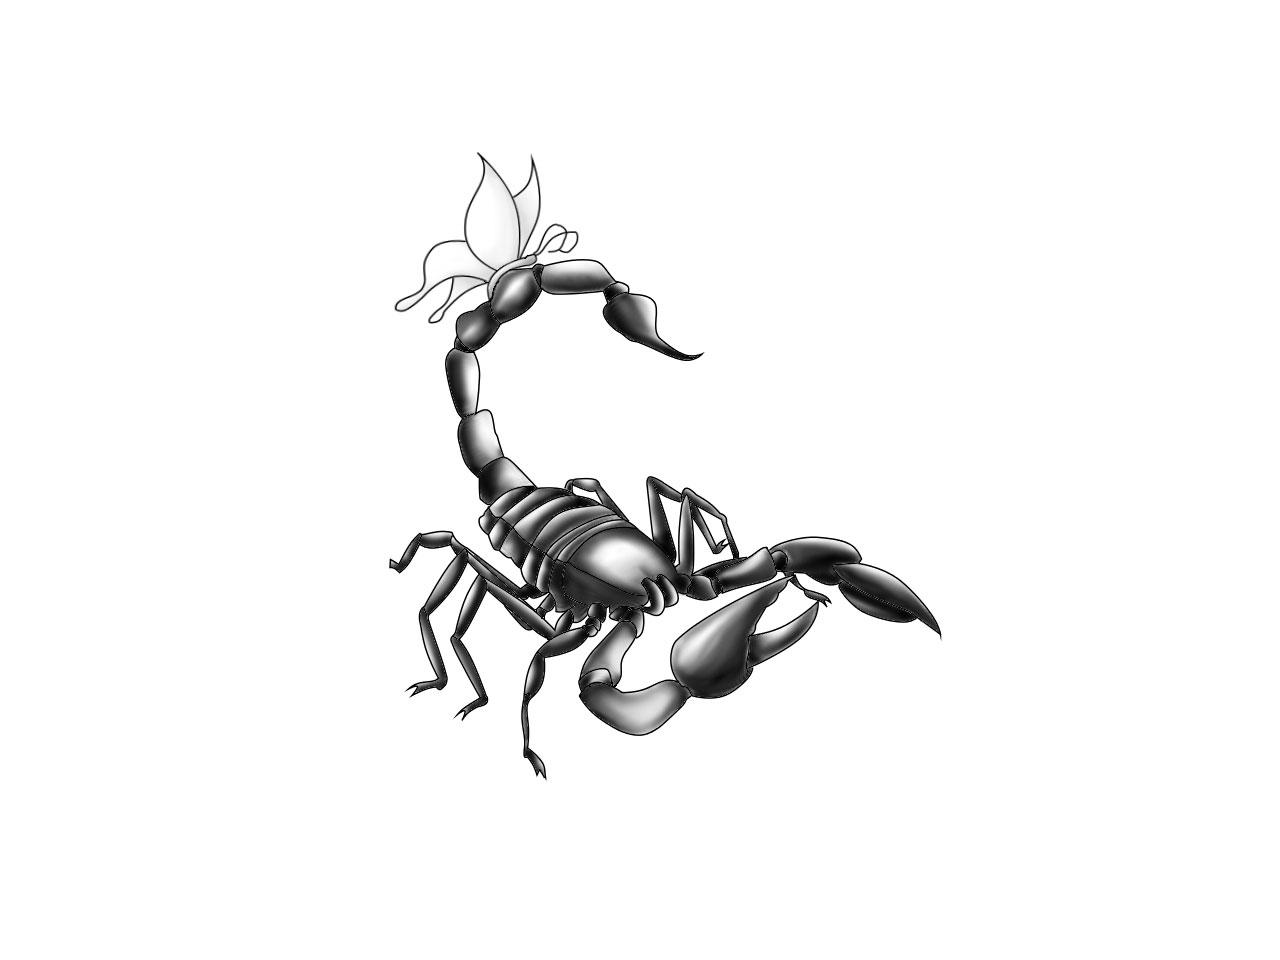 3d scorpion tattoo designs - Cool Black Ink 3d Scorpion Tattoo Design